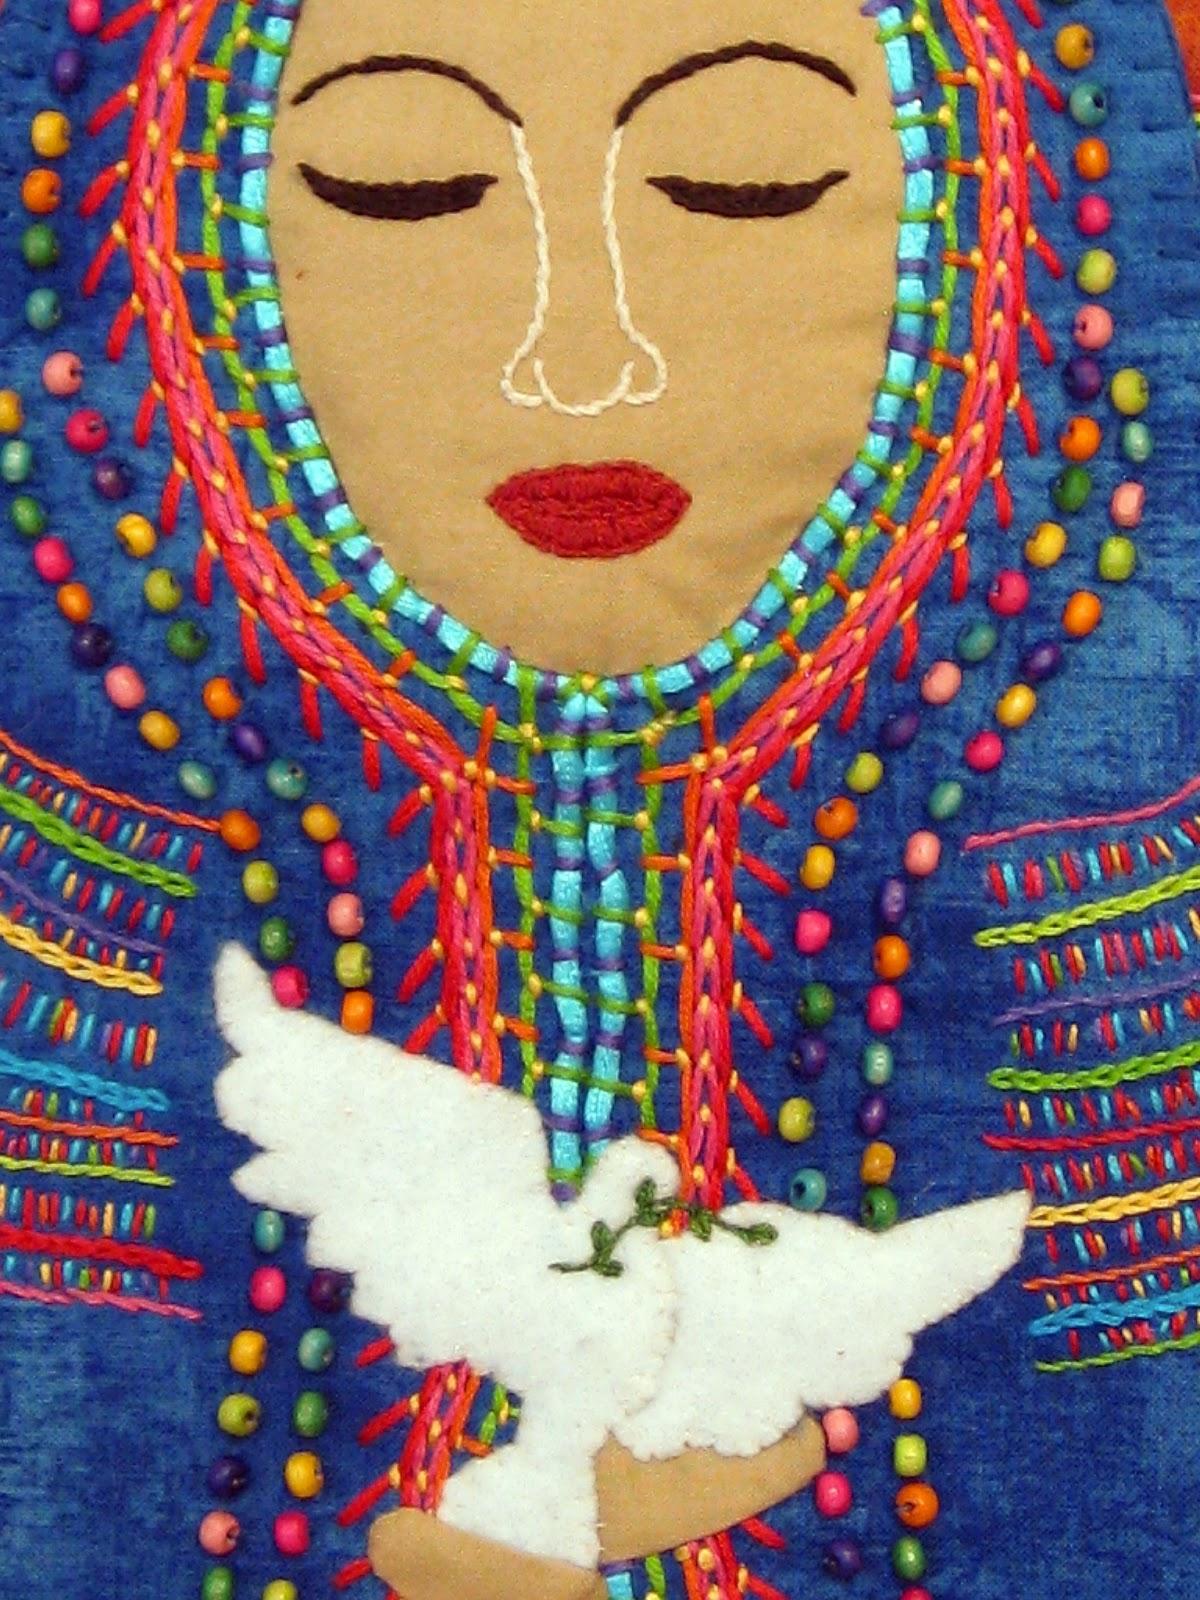 http://2.bp.blogspot.com/-zlEwk9gqIXA/UU_Ra0YXszI/AAAAAAAAEVw/OQK5eTFfrvI/s1600/Mexican-Madonna-2.jpg